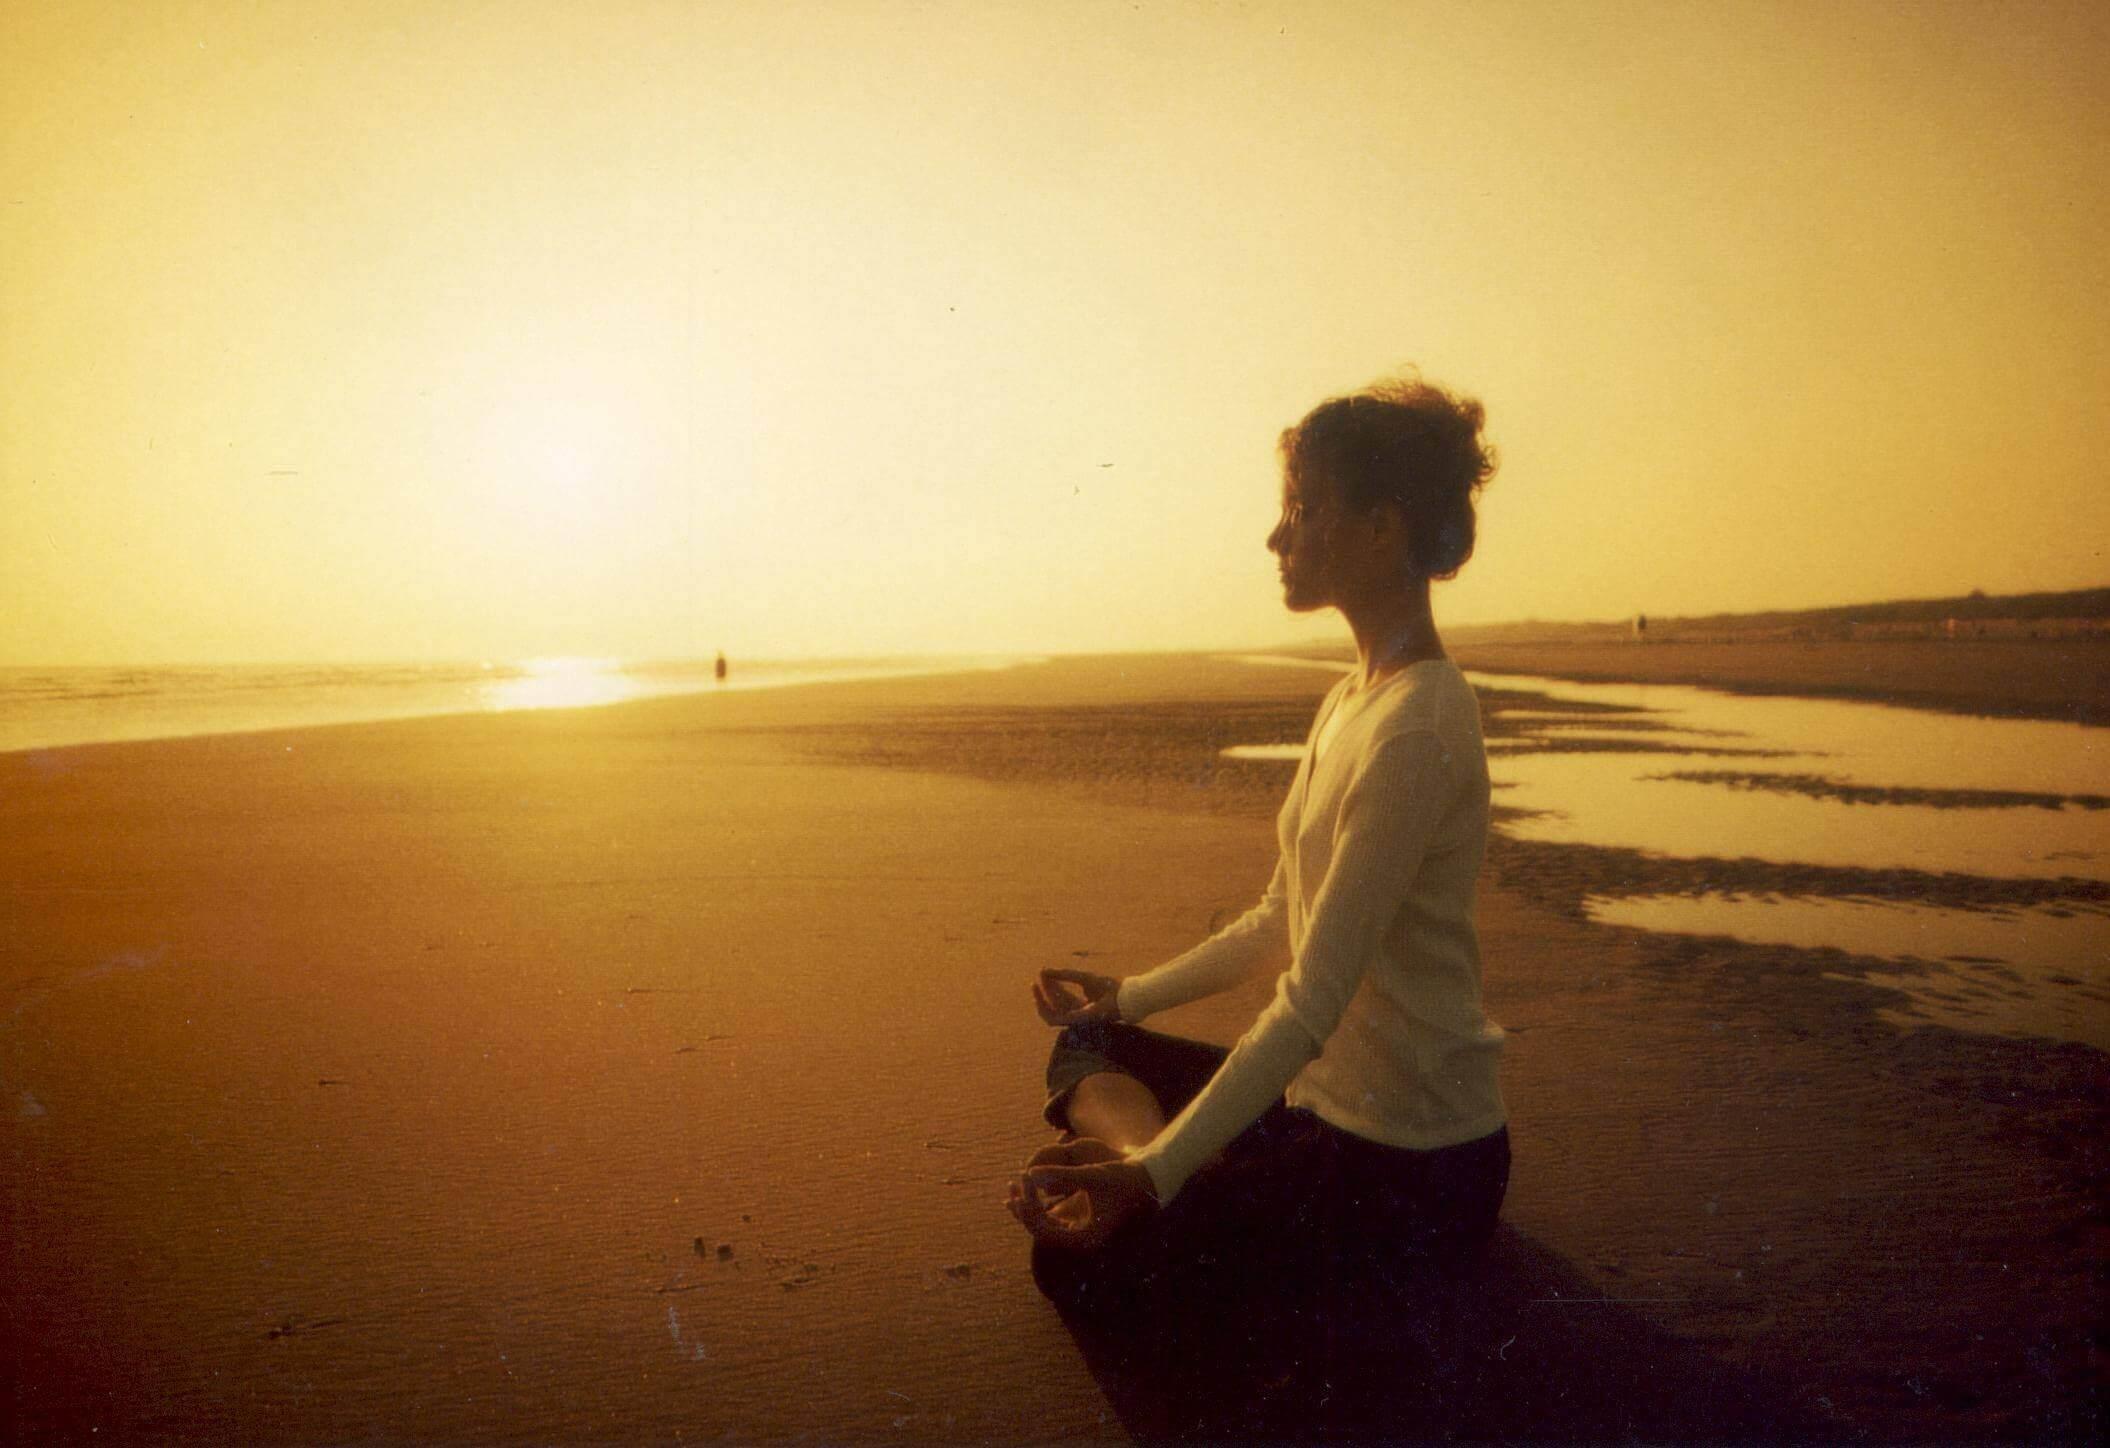 Je weerstand verbeteren door voor je geest te zorgen